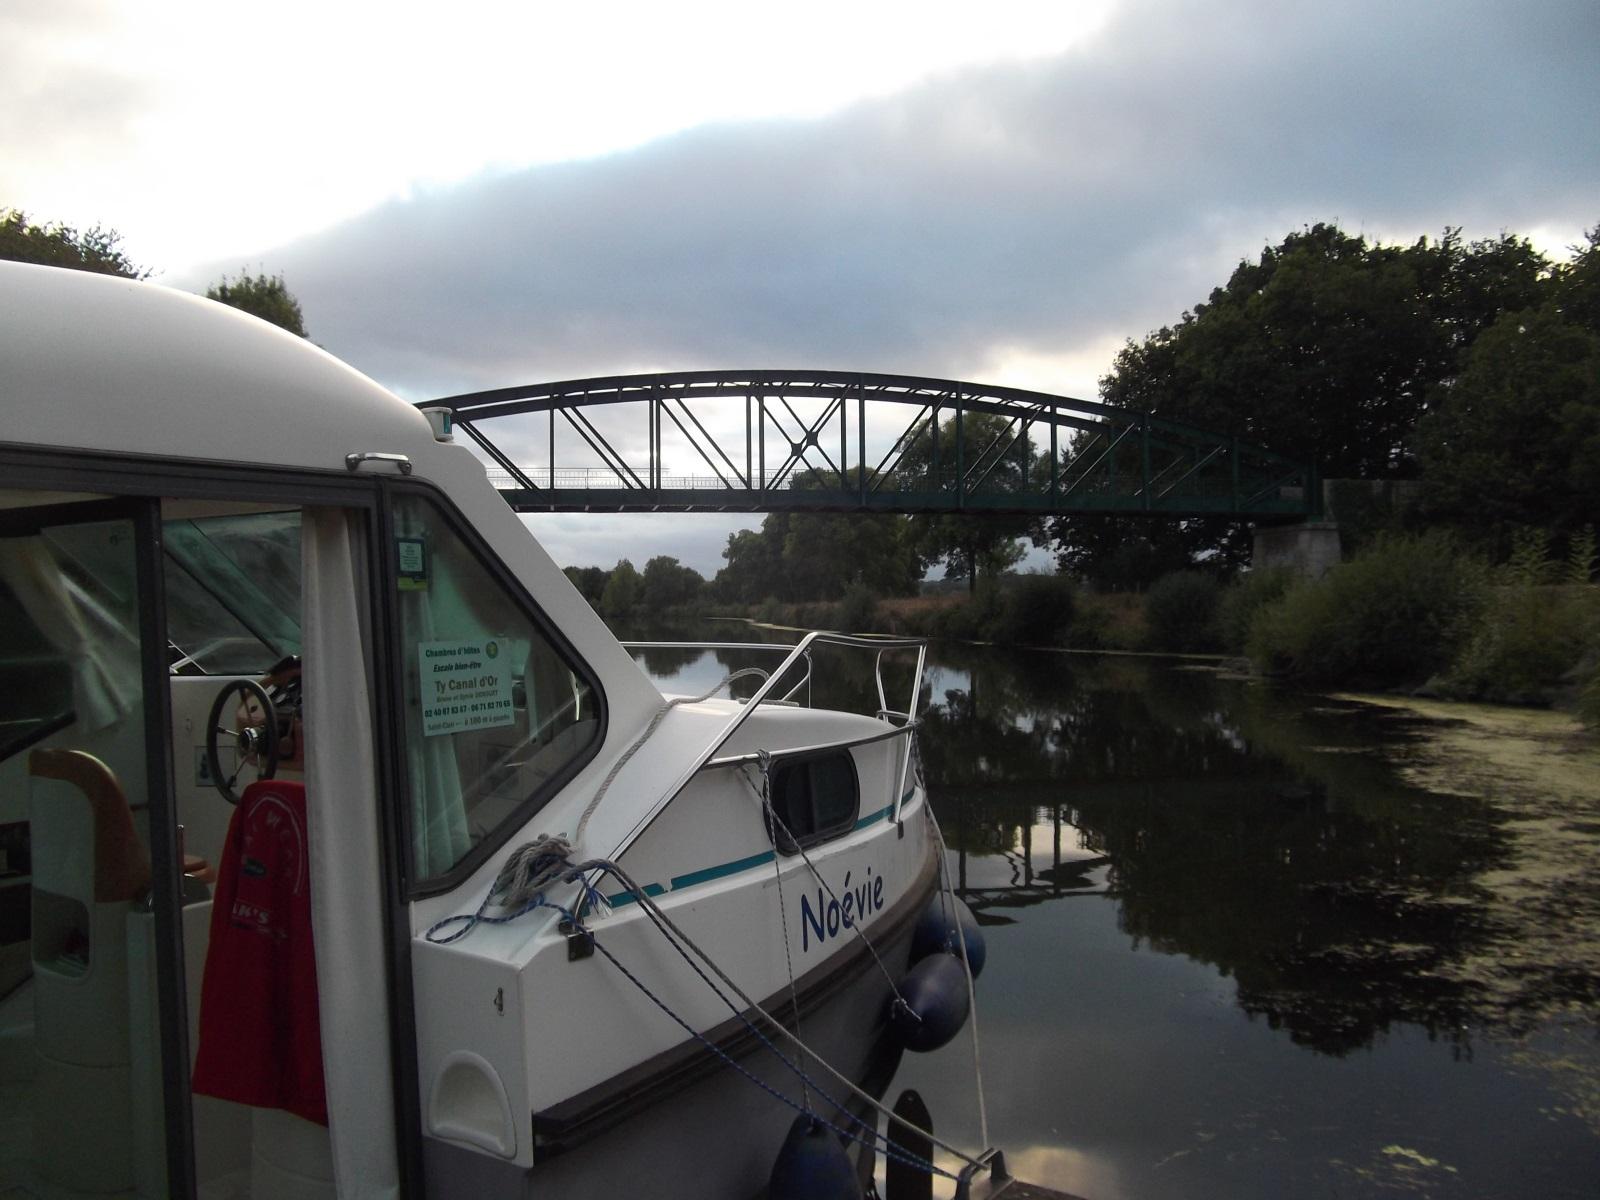 Balade en bateau sur le canal de nantes à brest